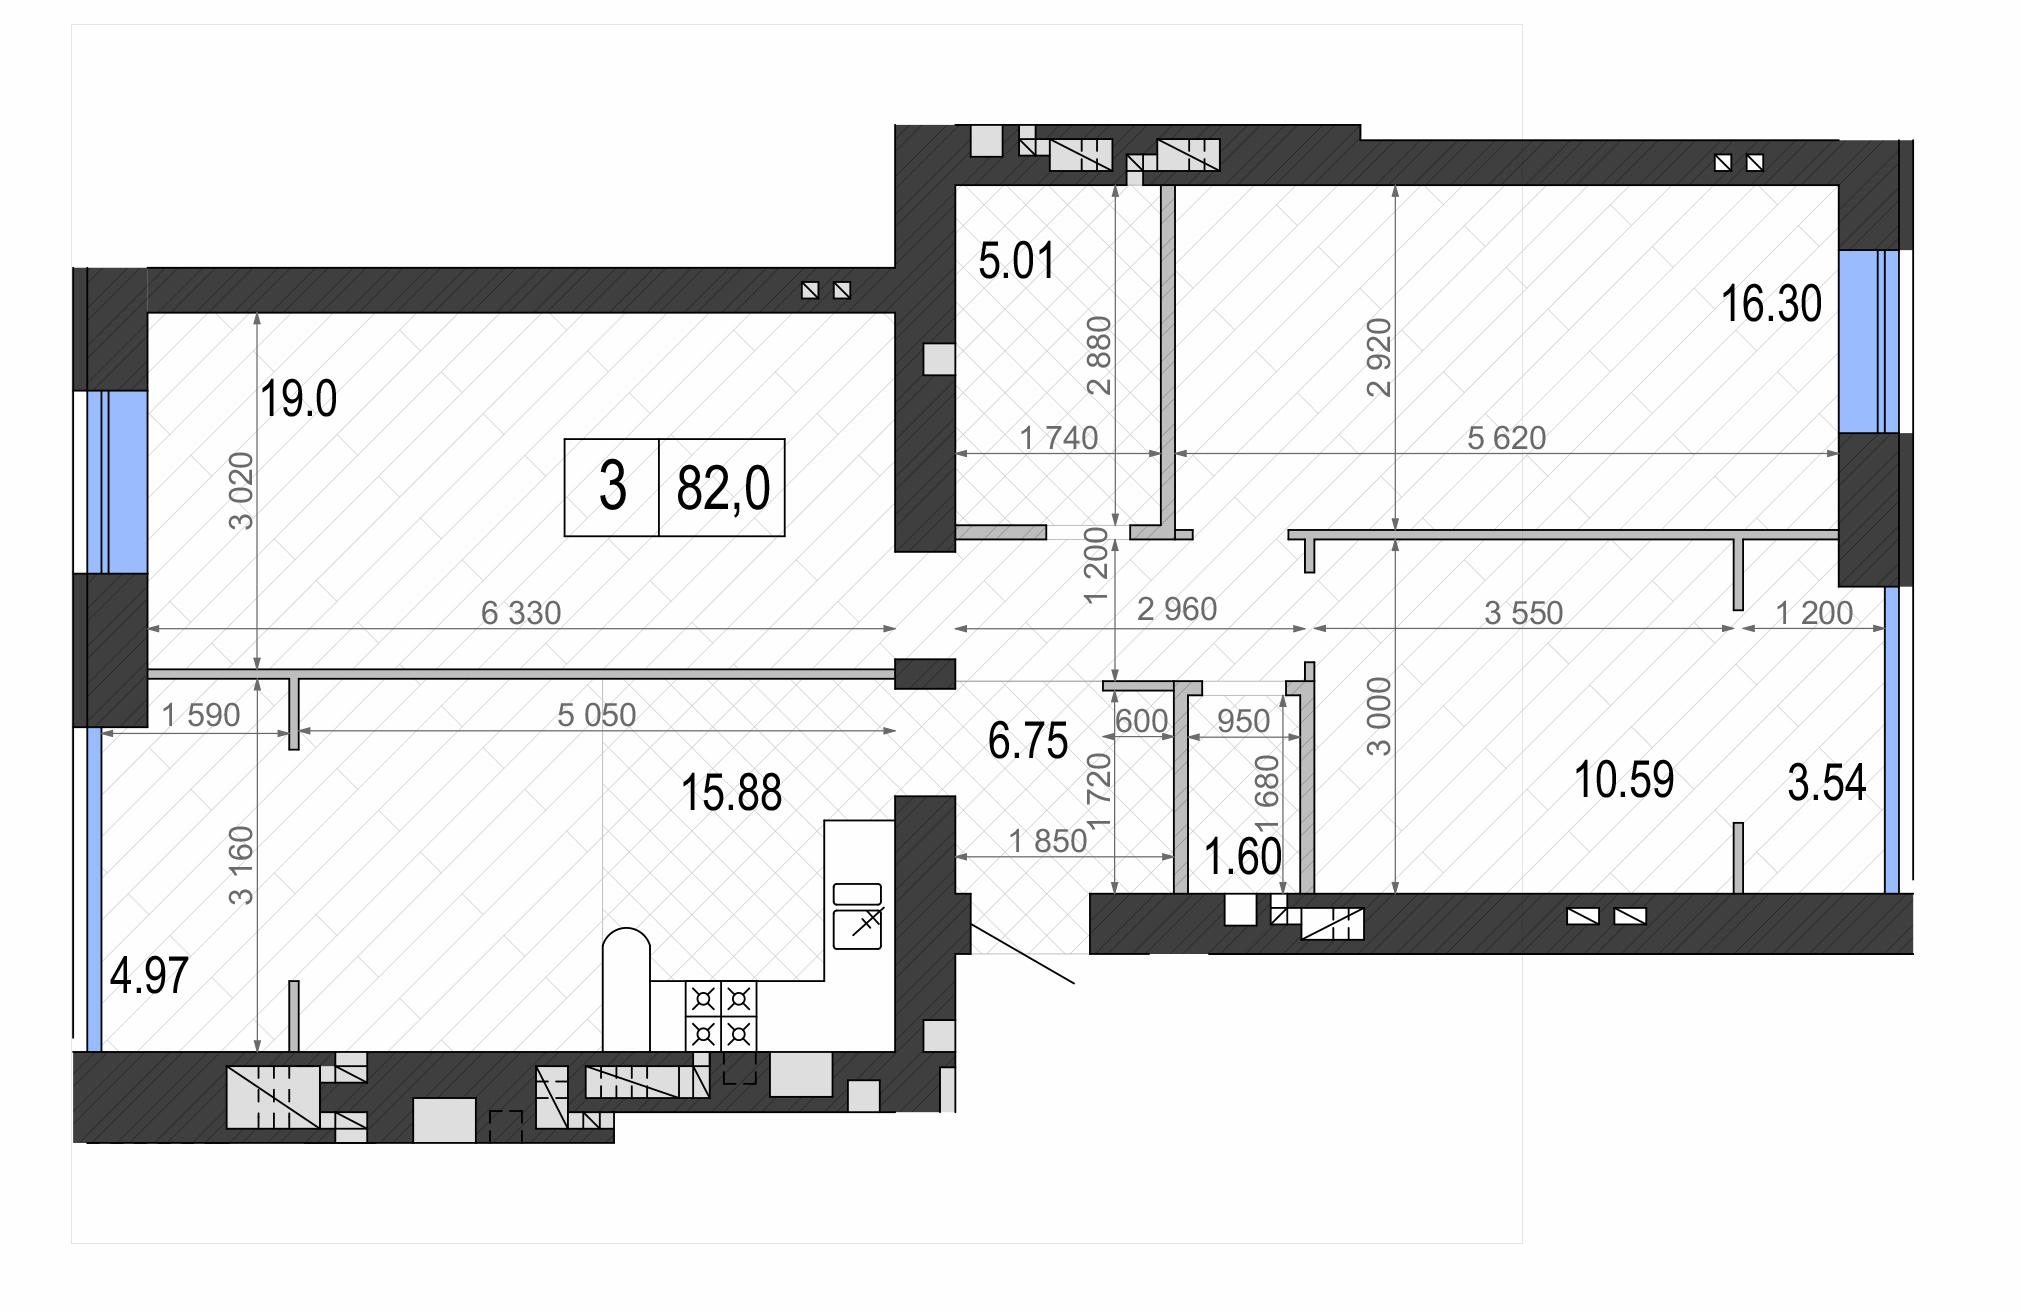 ЖК Контраст второй сезон в Ирпене планировка трехкомнатной квартиры